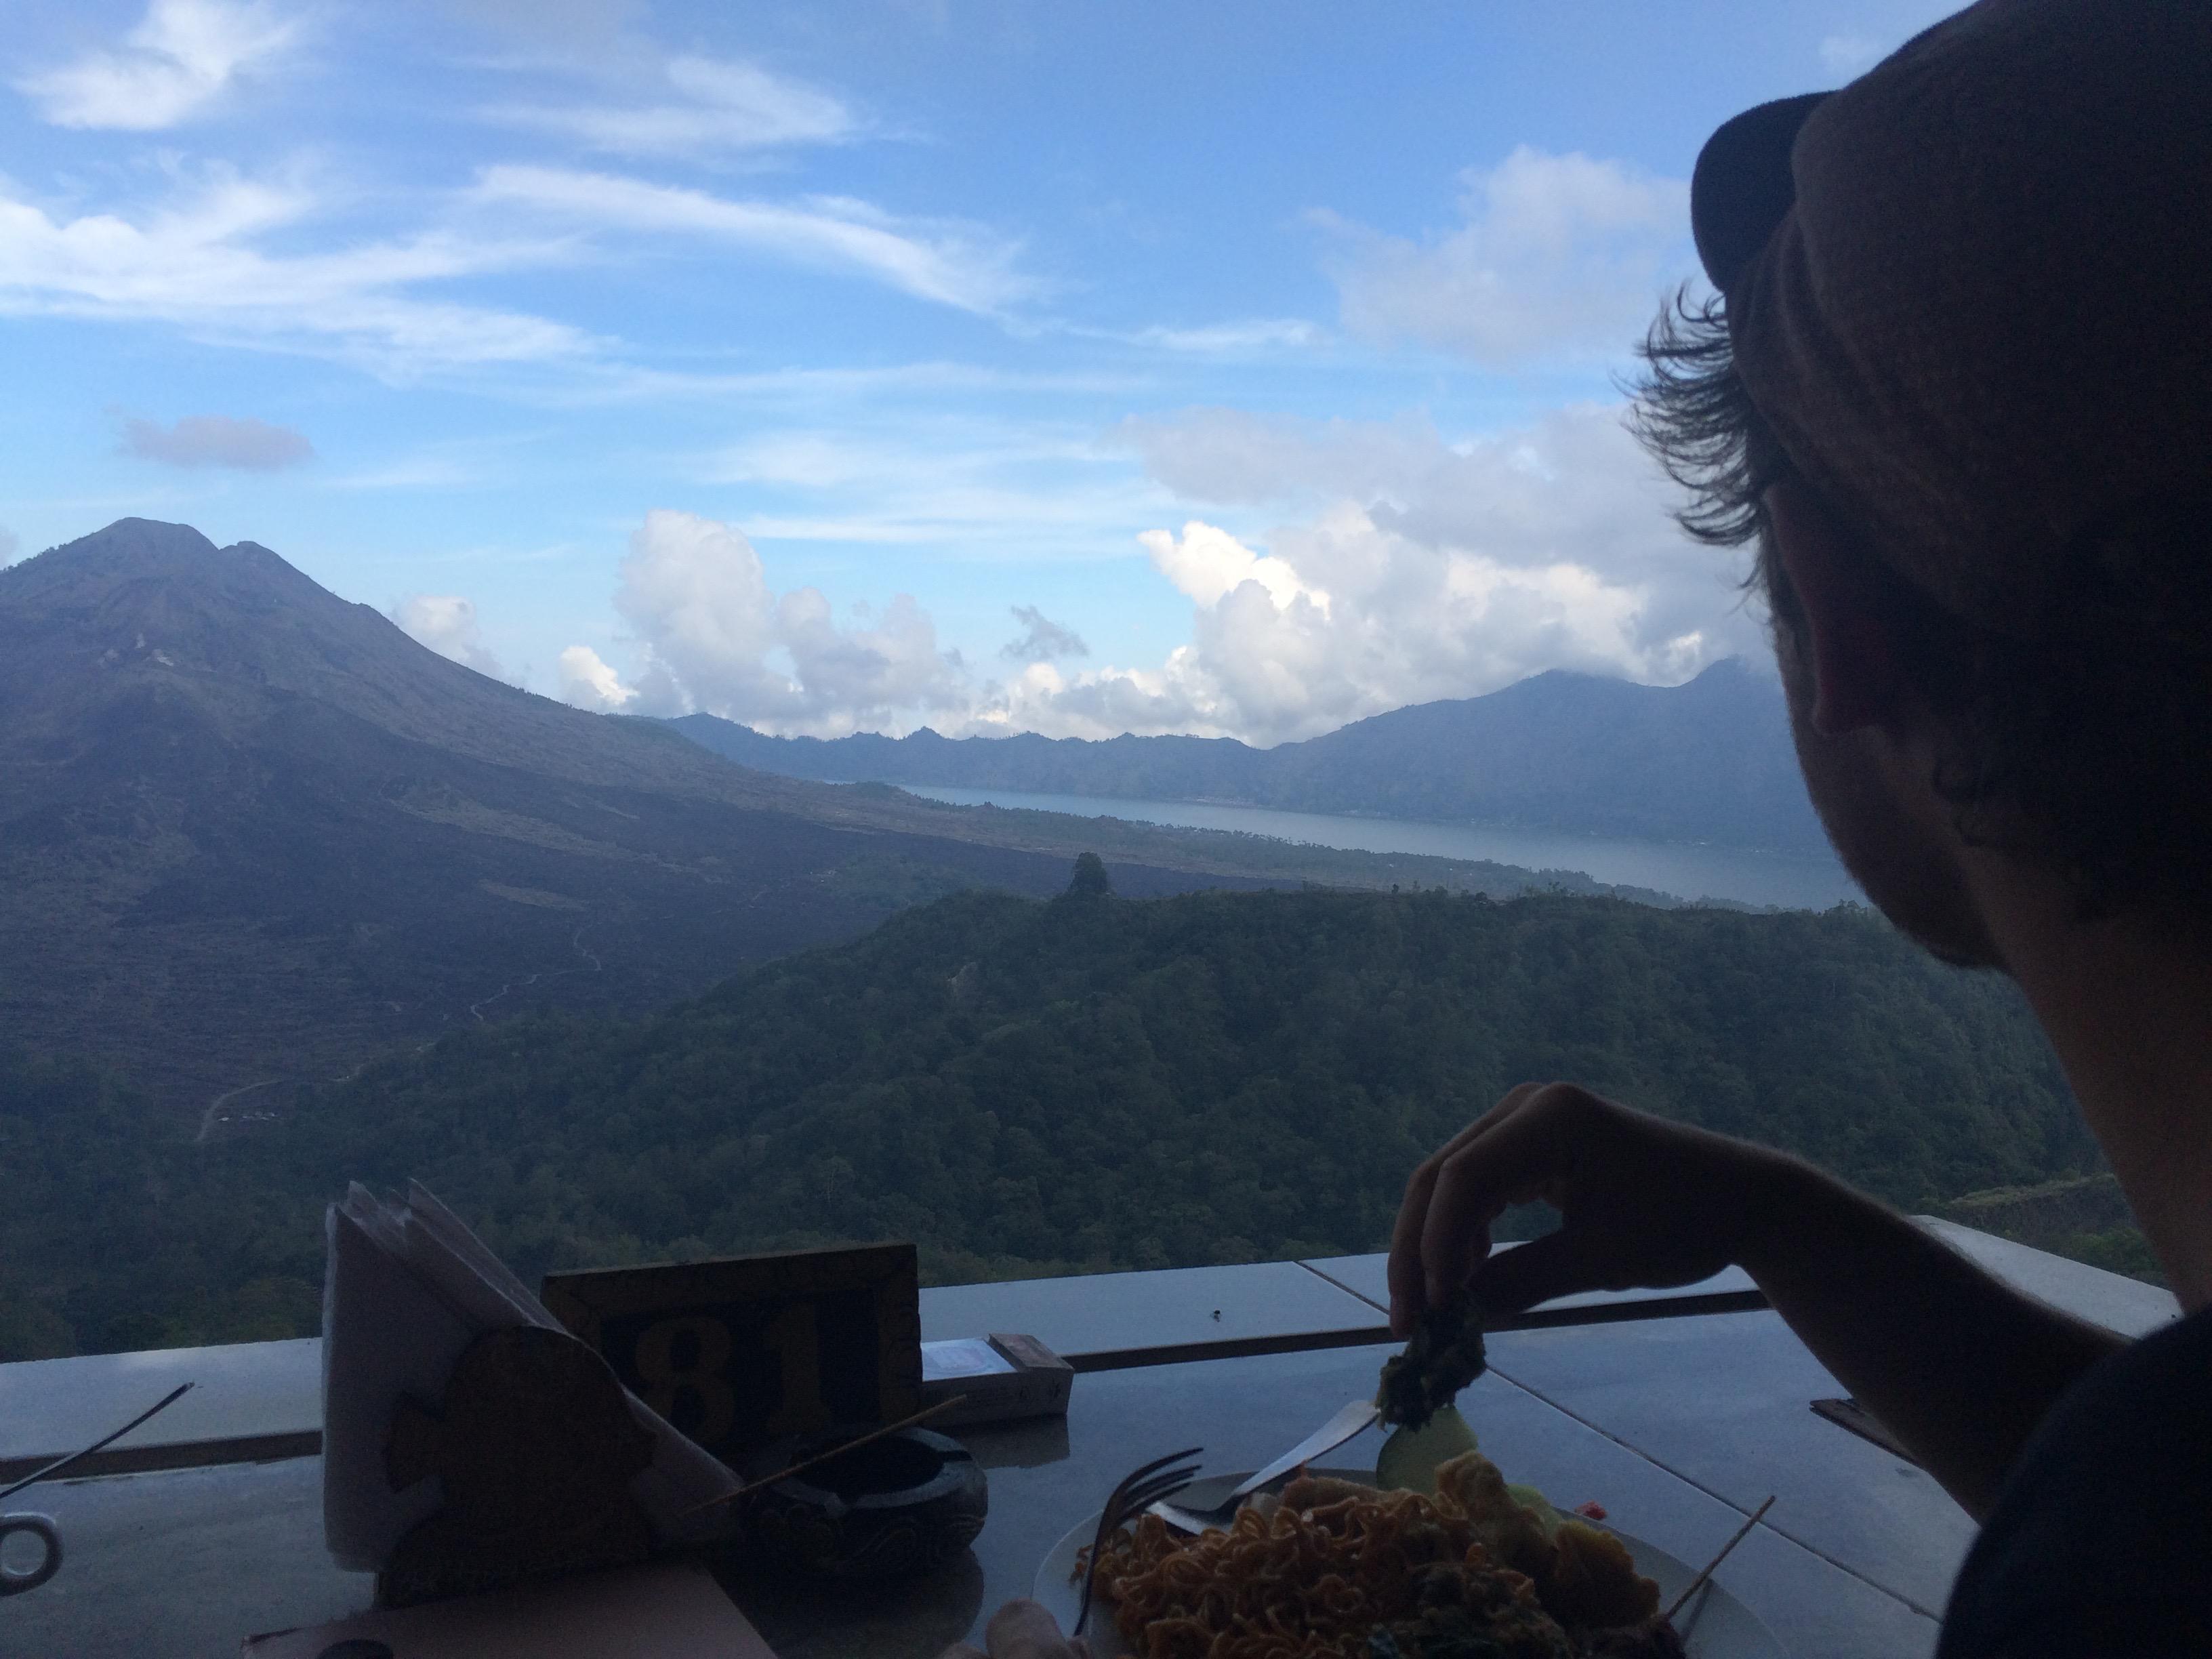 Scenic Ubud & Volcano Batur Tour